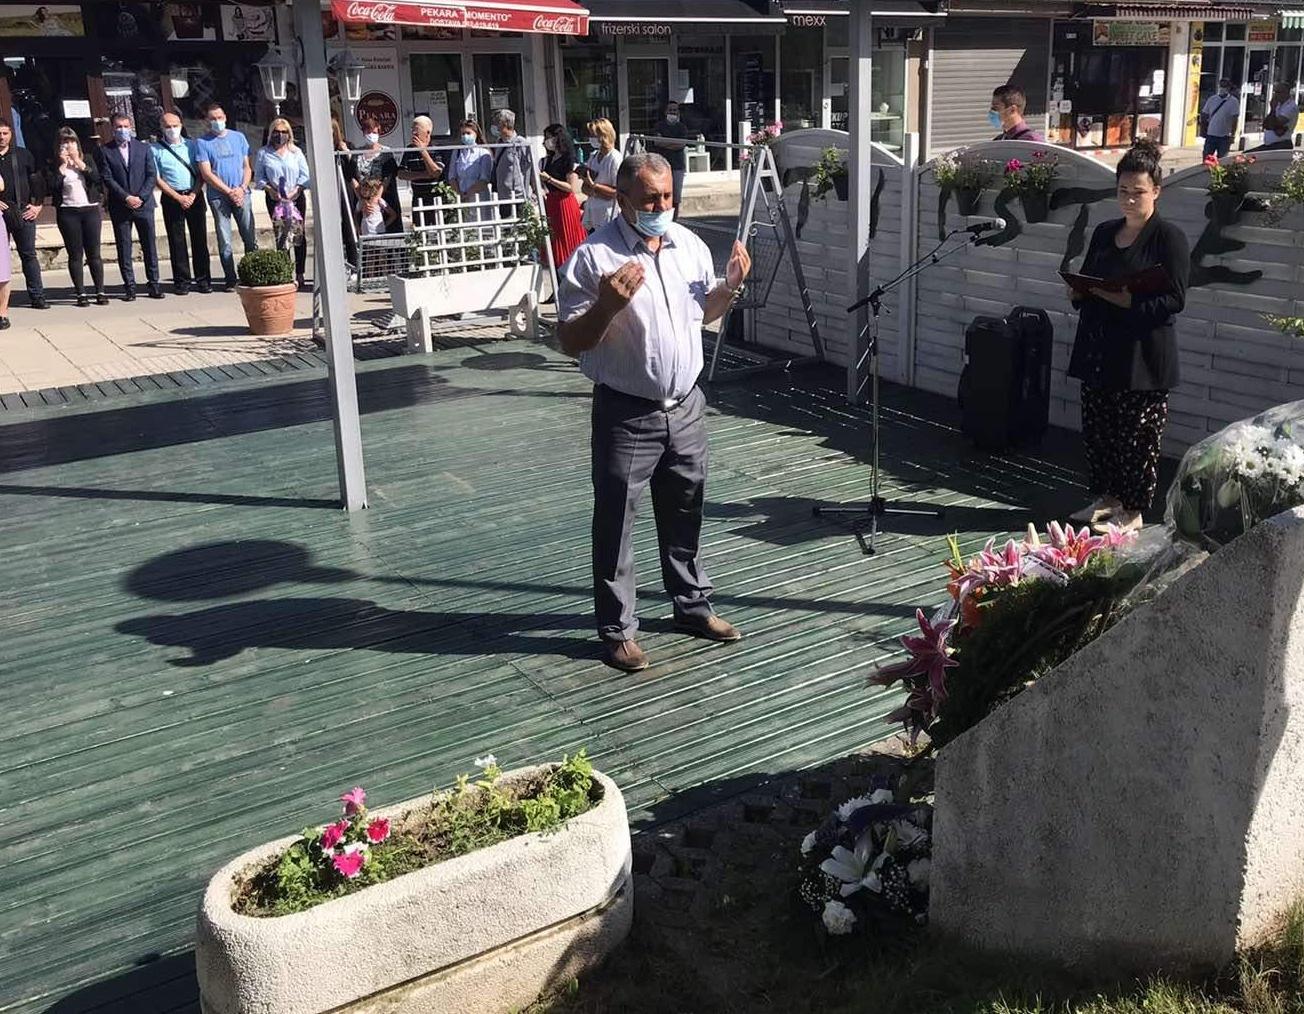 Obilježena 28. godišnjica masakra na Trgu solidarnosti: Ubijeni dok su čekali u redu za hljeb